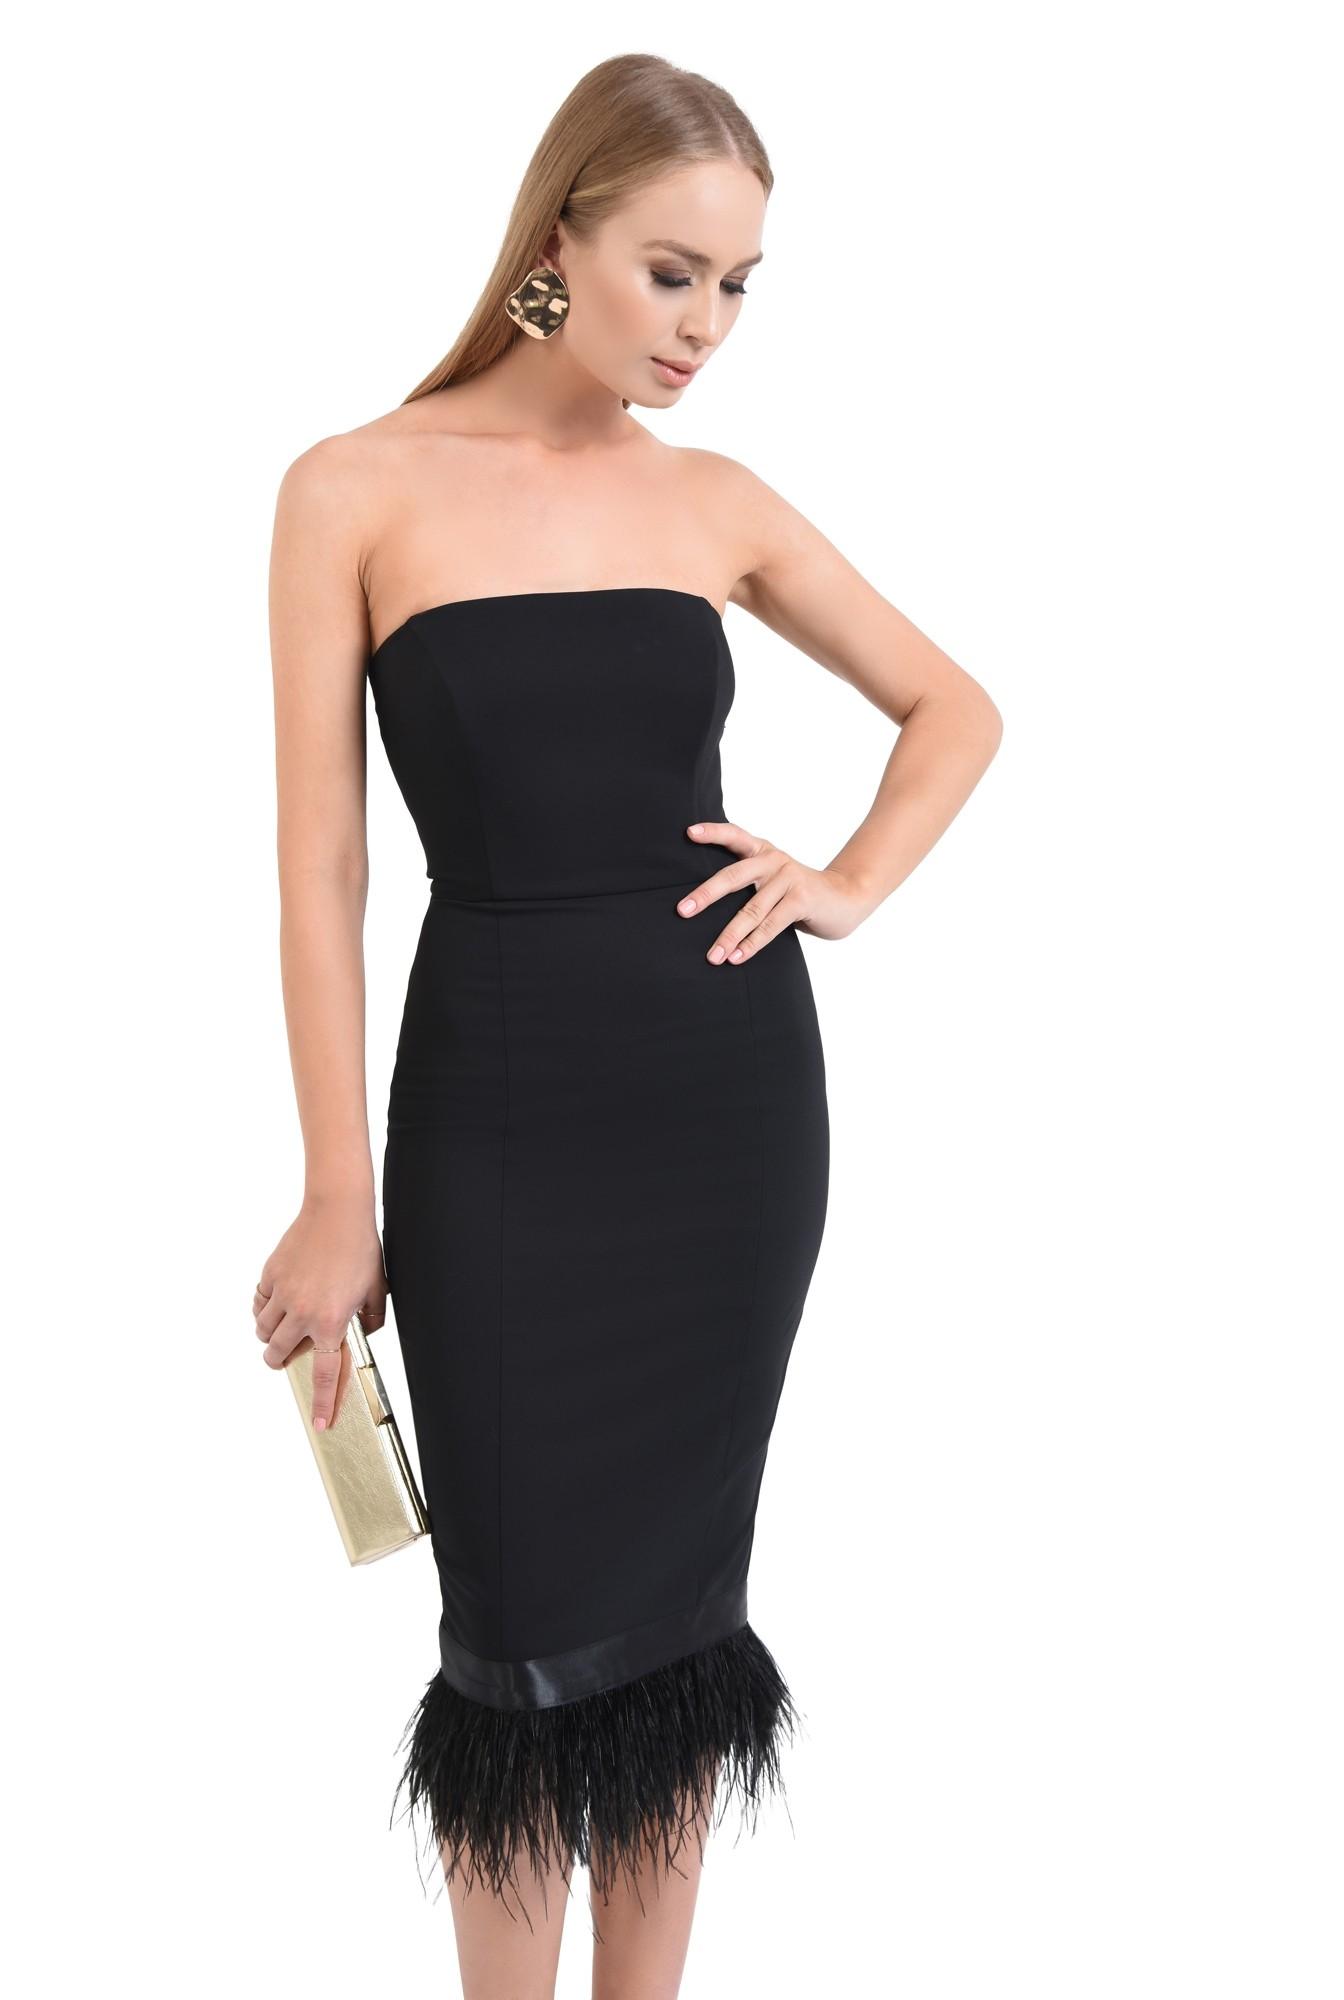 rochie eleganta, negru, corset